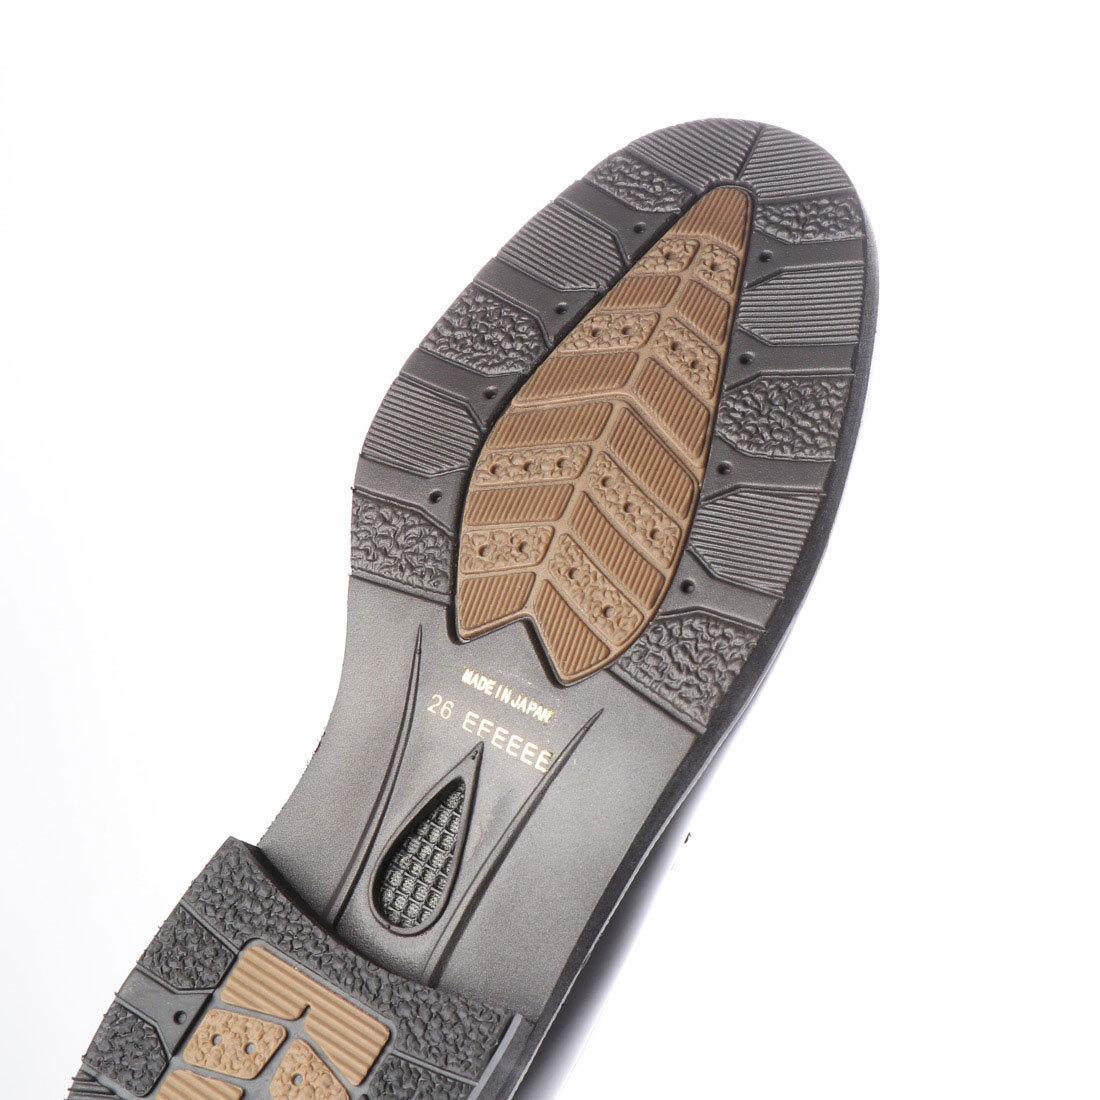 【大きいサイズ】【メンズ 】【超幅広】【激安】紳士靴 本革 甲高 6E G キングサイズ ビジネスシューズ ローファー ブラック 28.5cm